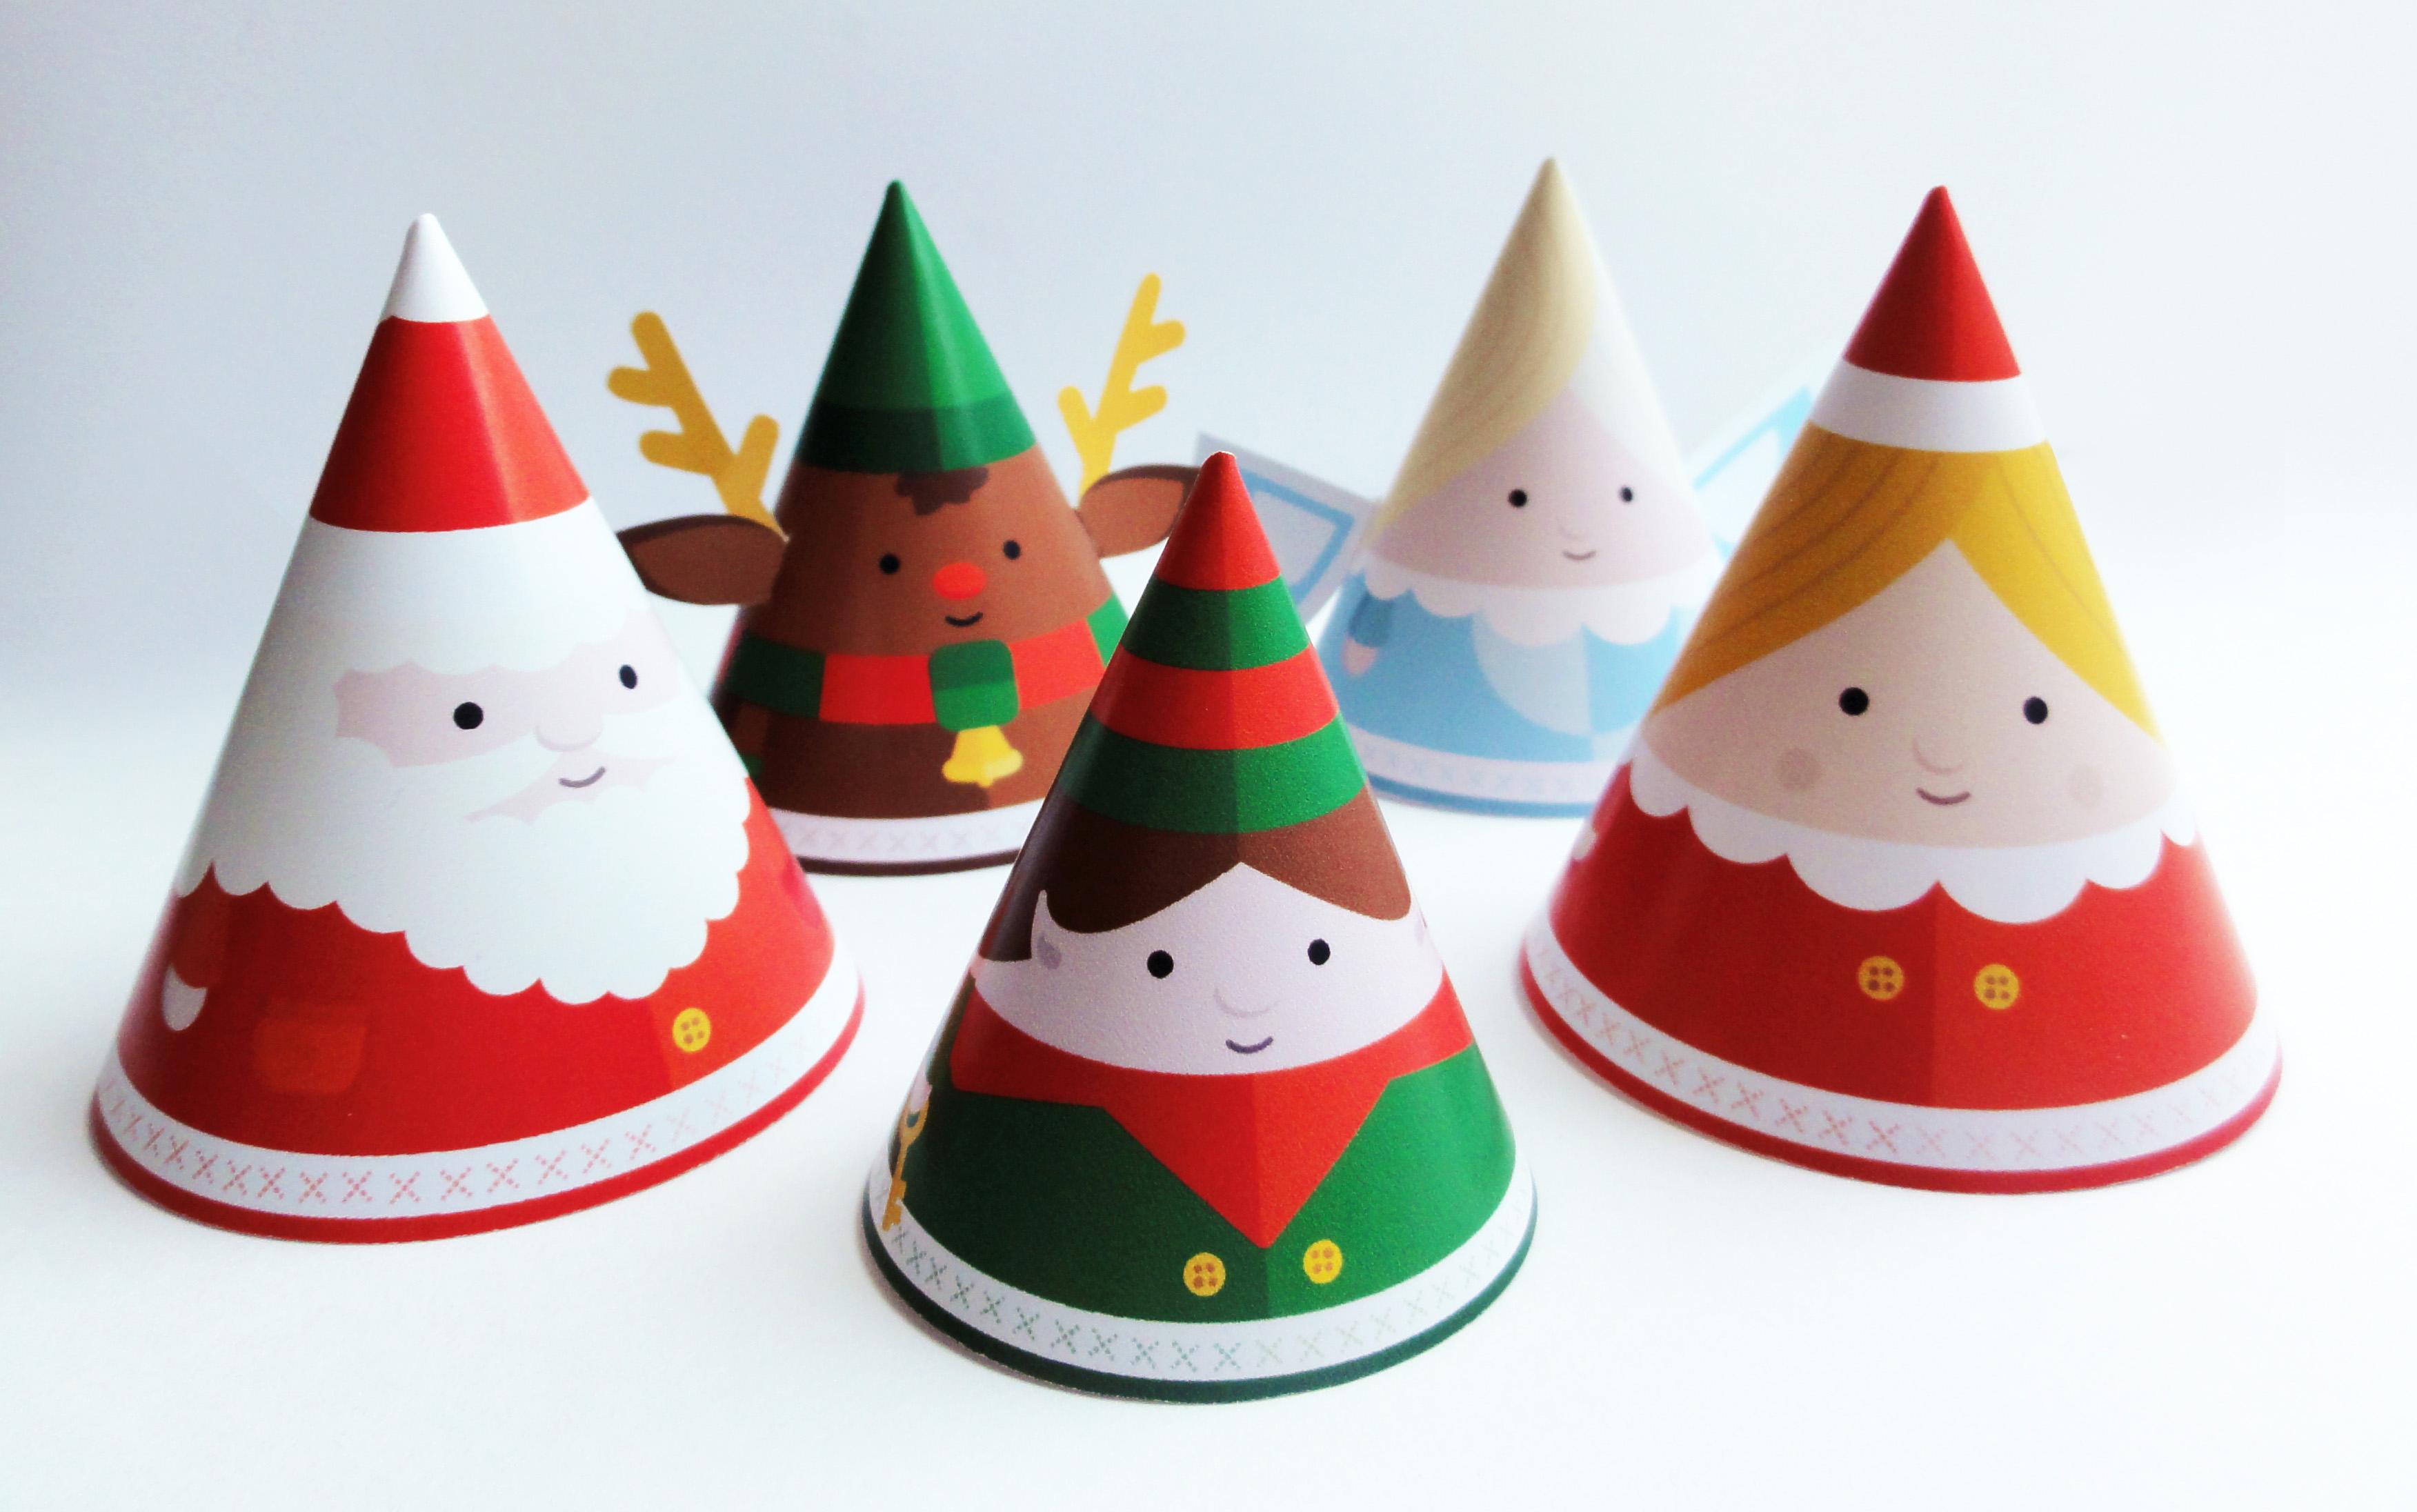 Papercraft imprimible y armable de sencillo adornos navideños. Manualidades a Raudales.